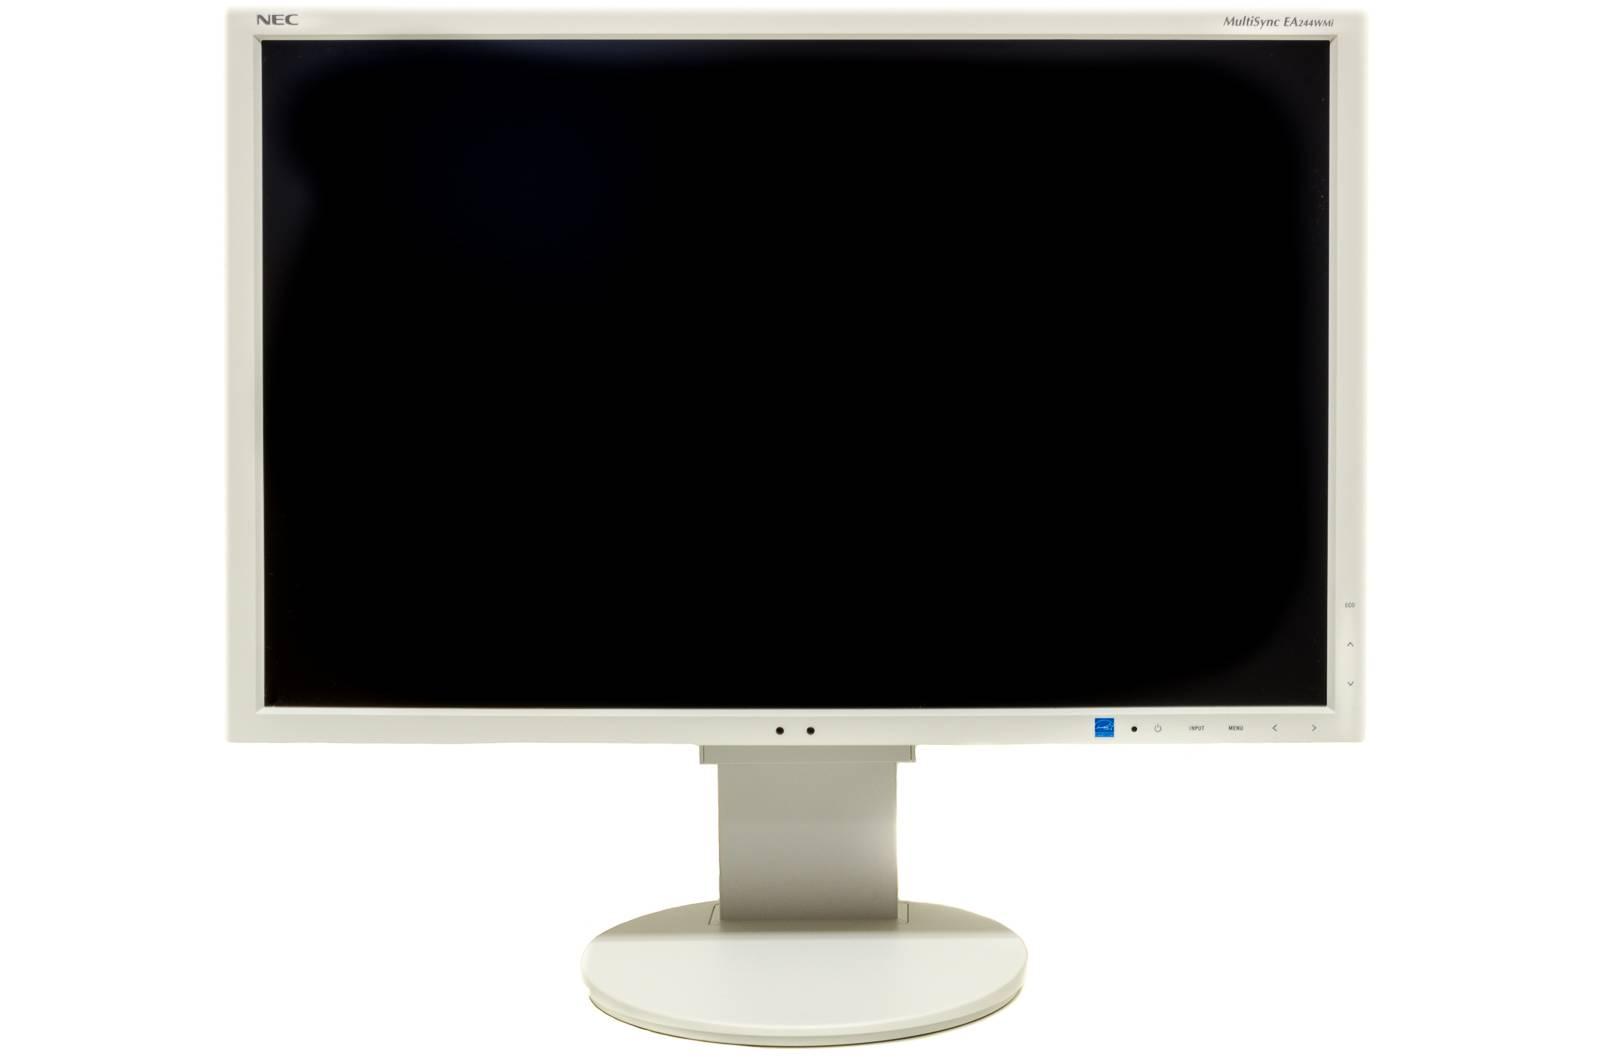 Monitore Von NEC, 139,90